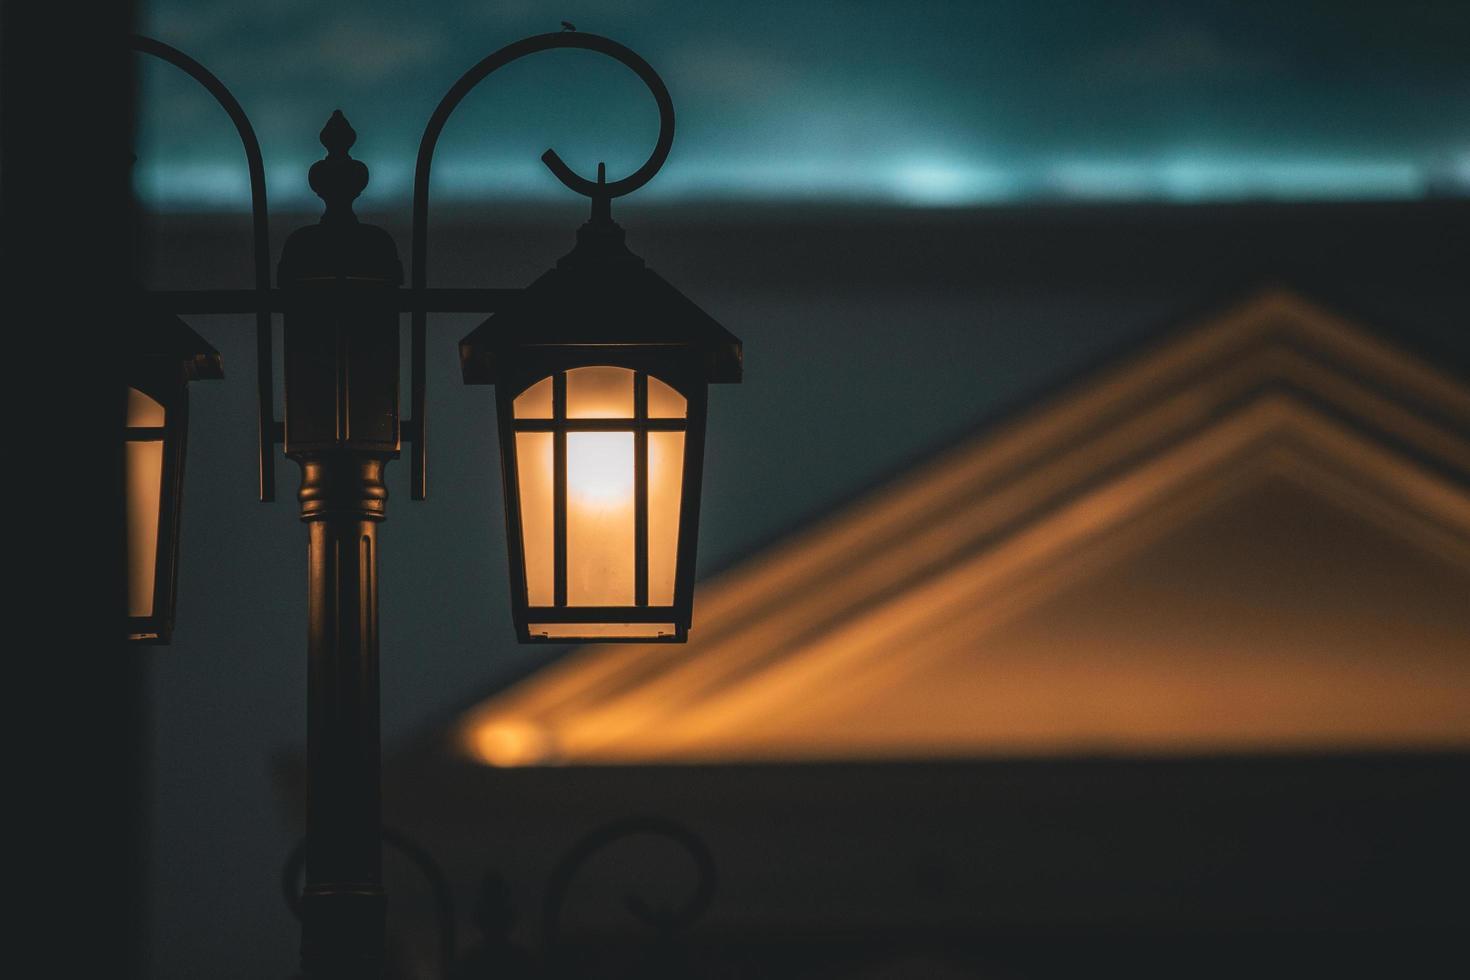 Illuminated street lamp photo